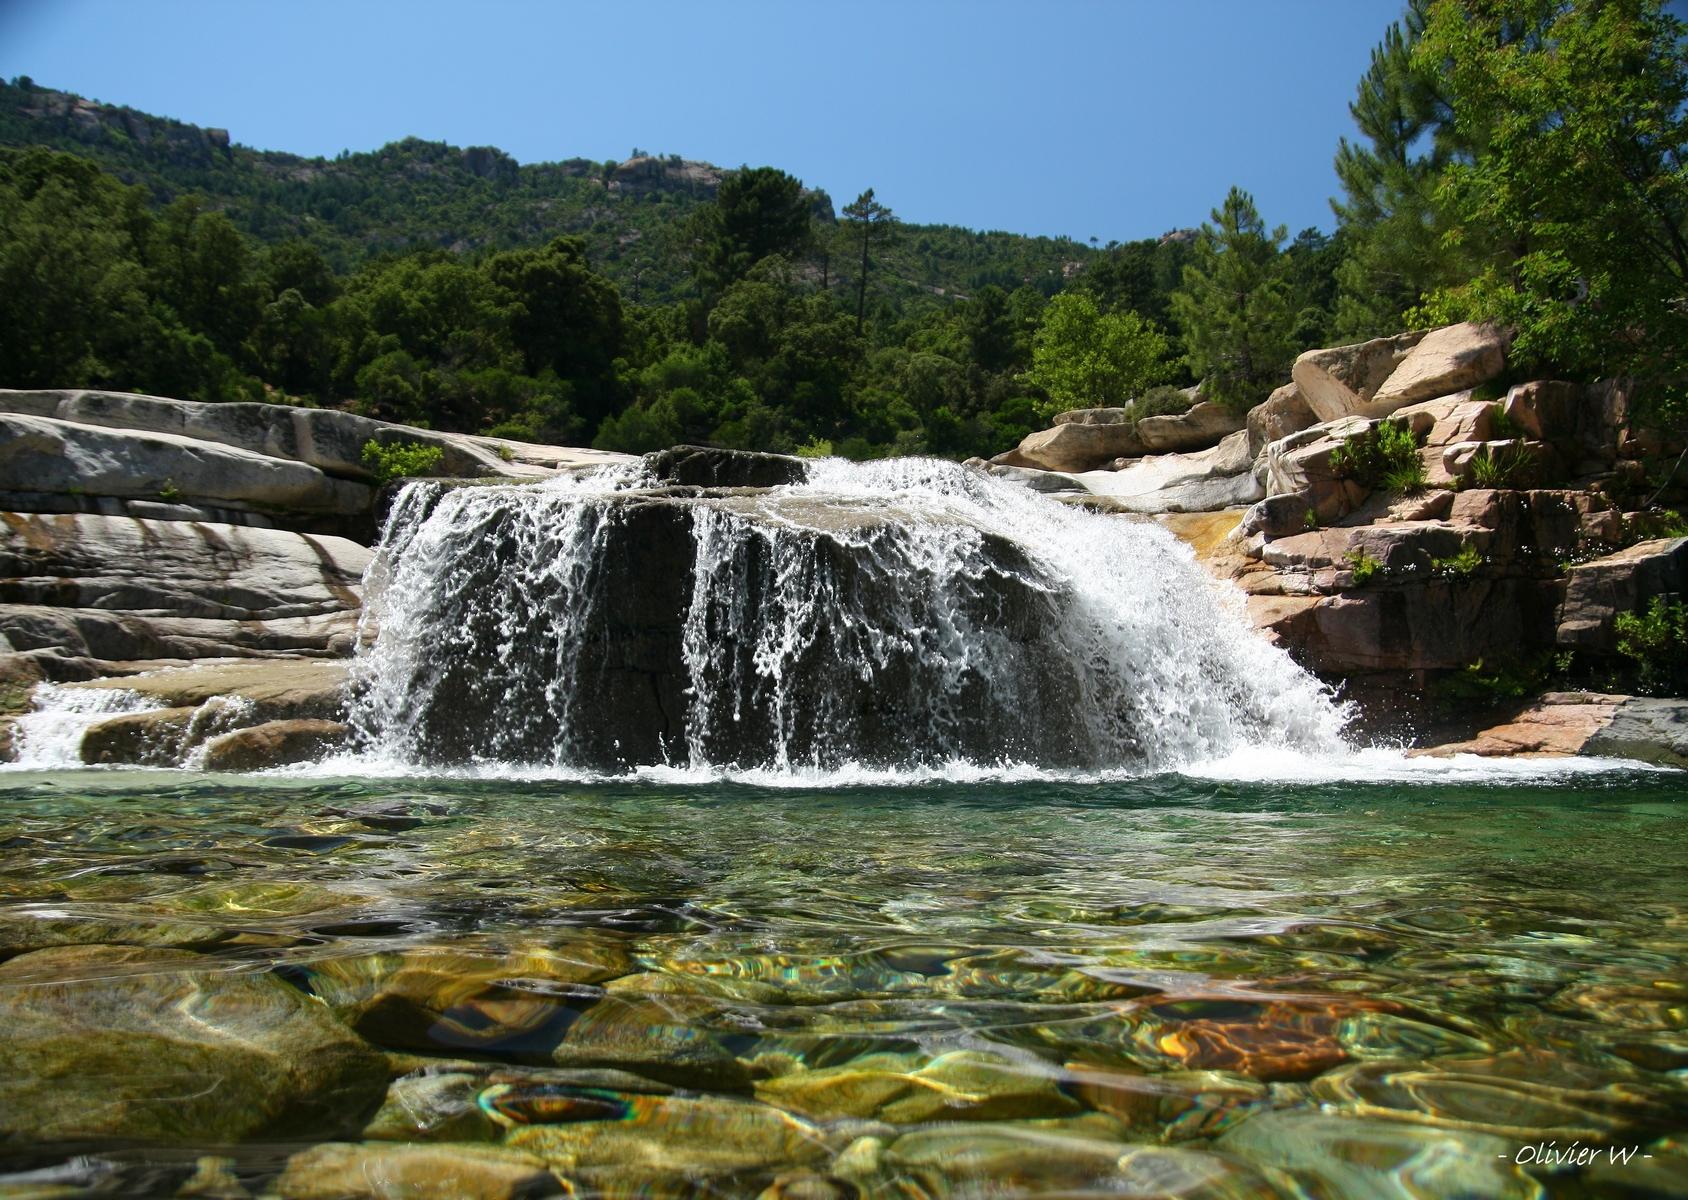 La Rivière Du Cavu Et Ses Piscines Naturelles - Vivacorsica avec Piscine Naturelle D Eau Chaude Corse Du Sud